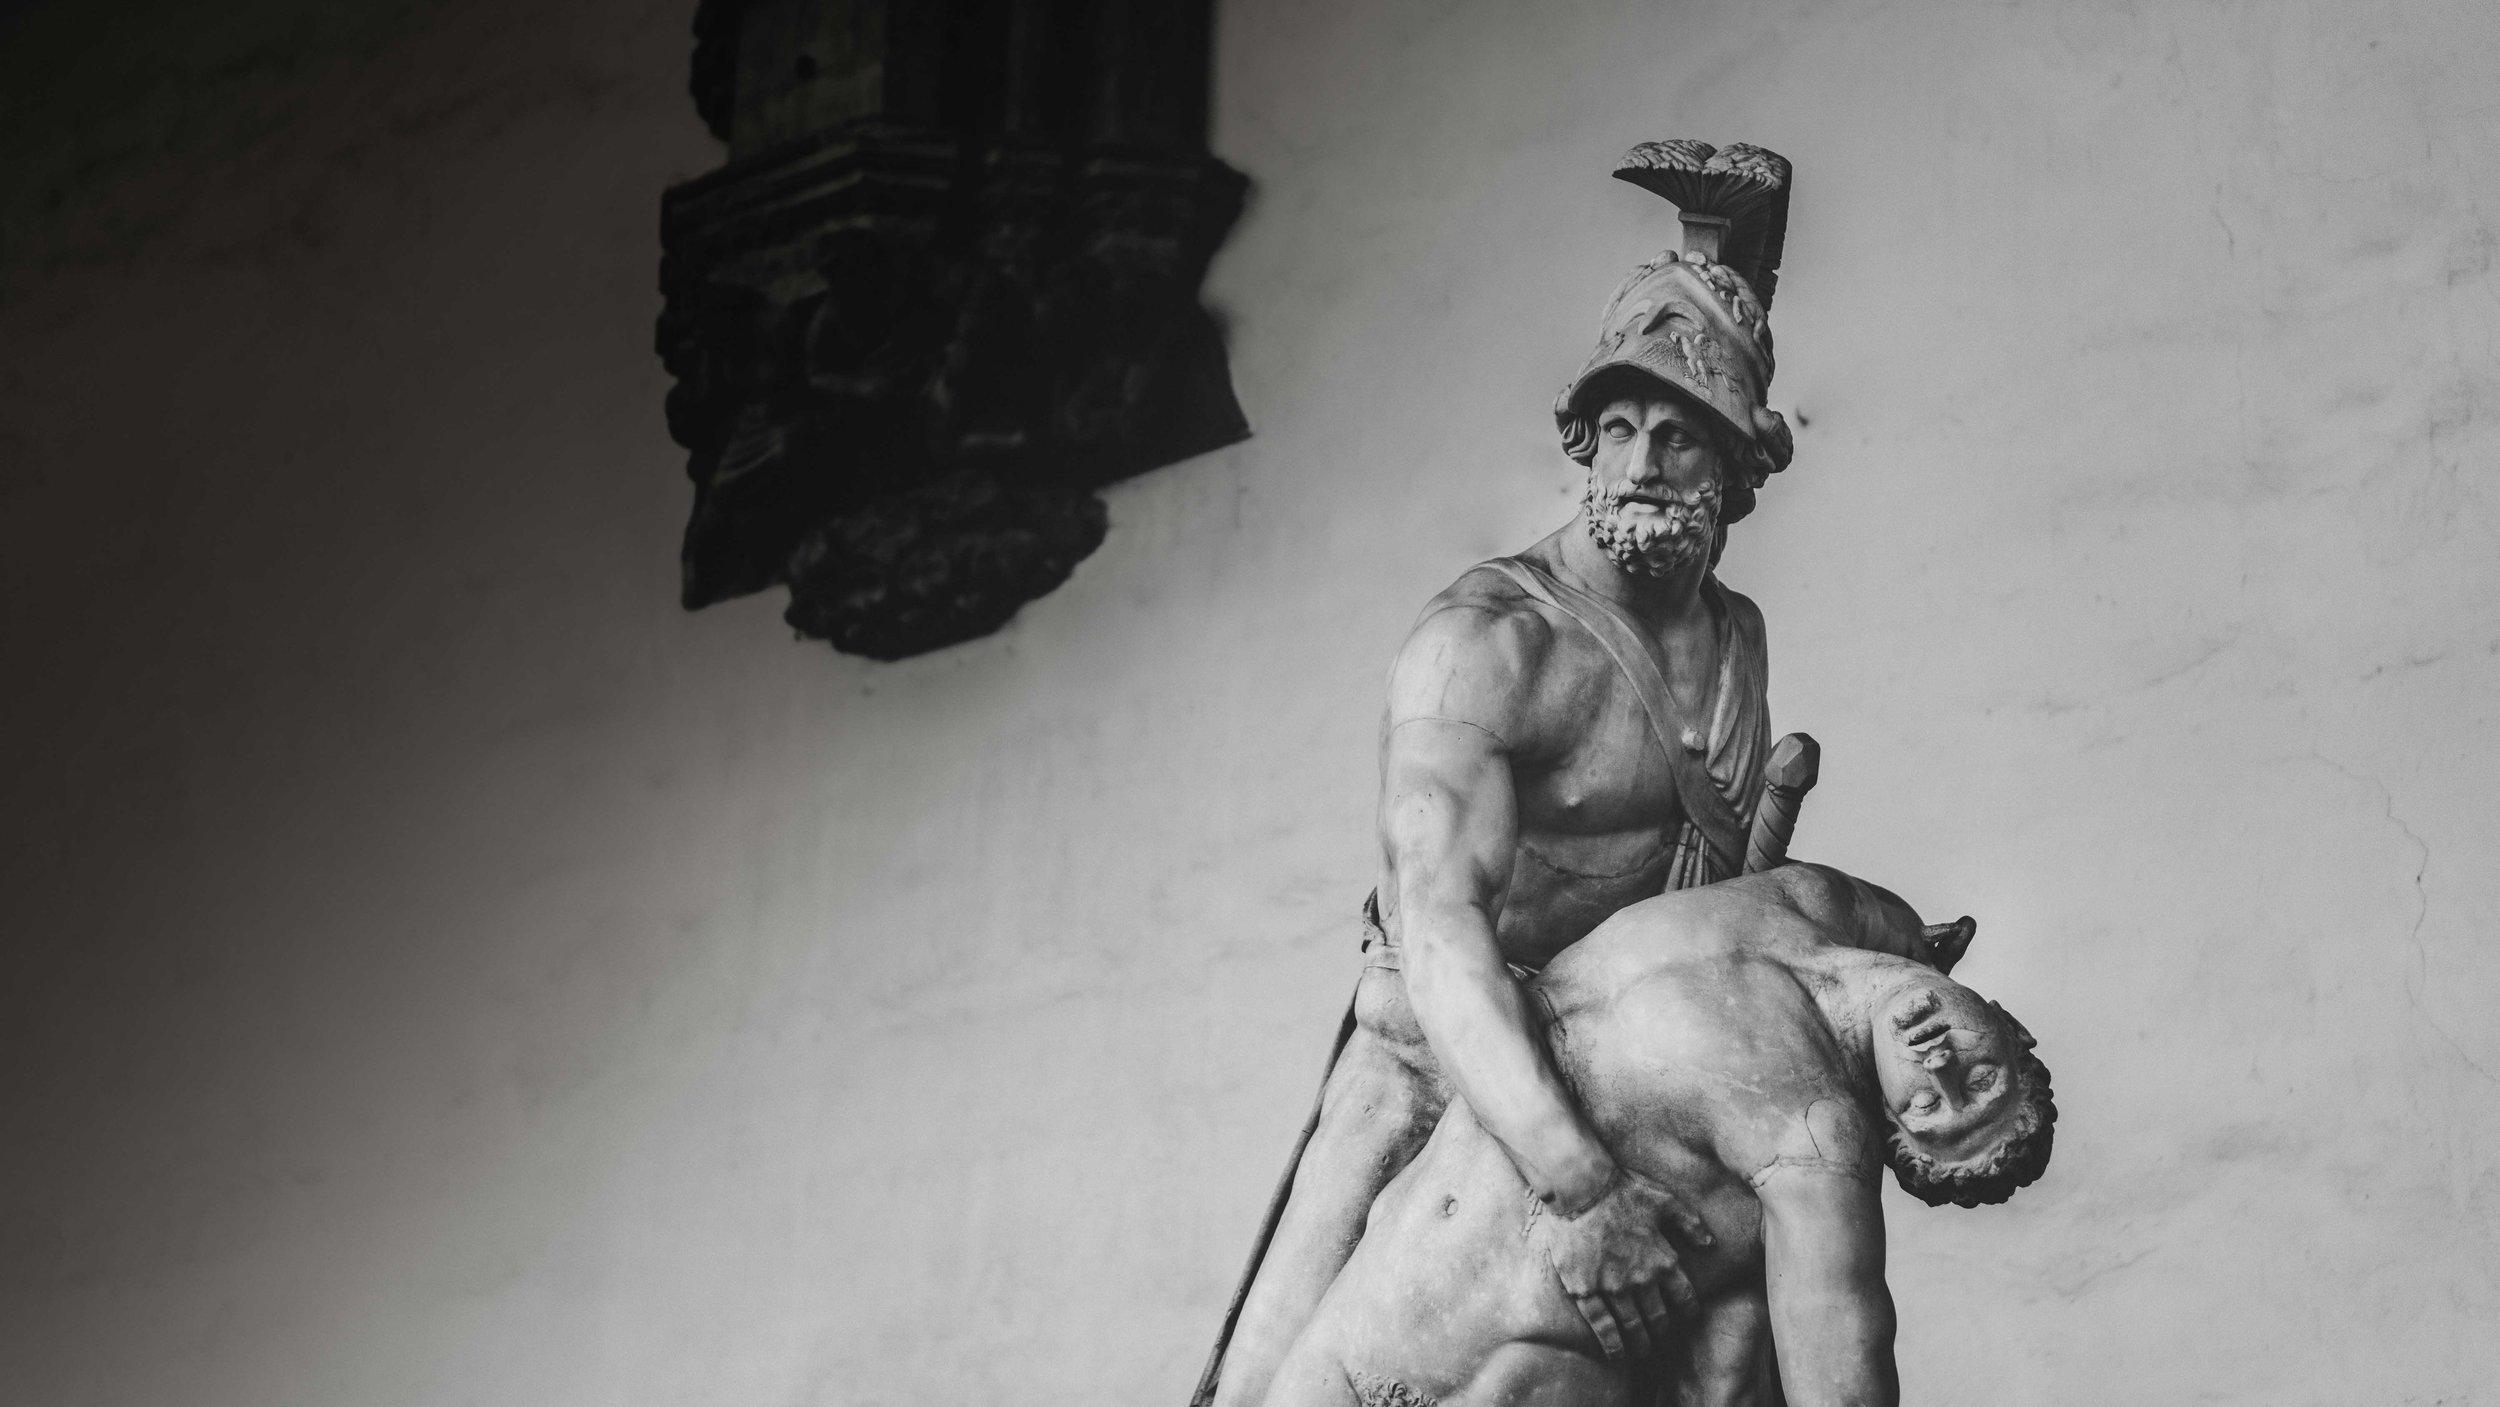 masculine warrior holding a dead man sculpture